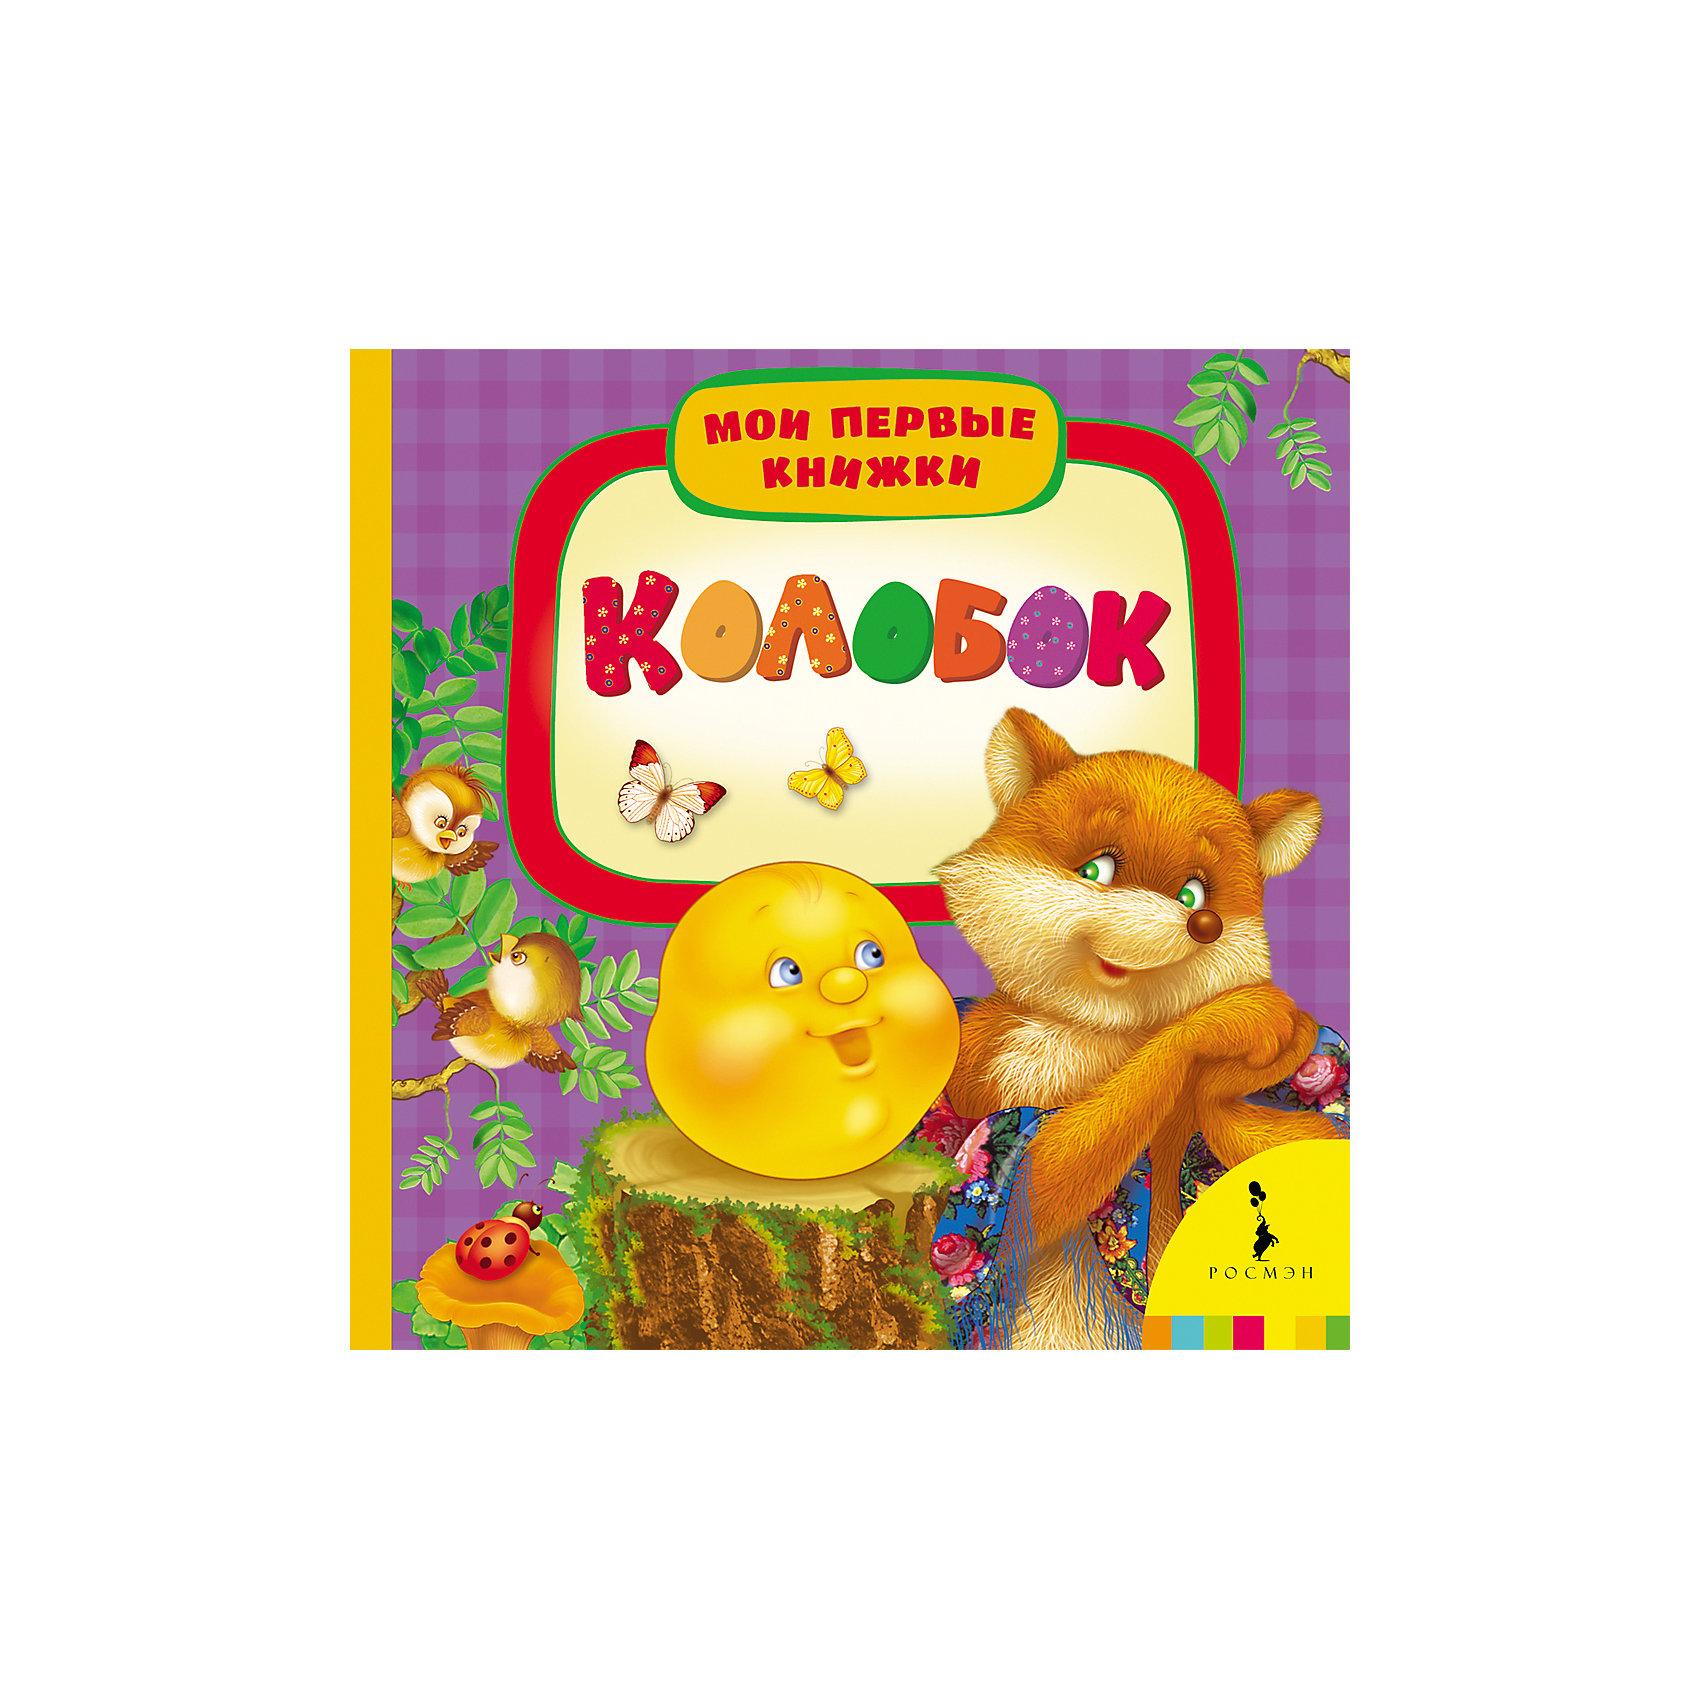 Колобок, Мои первые книжкиХарактеристики товара:<br><br>- цвет: разноцветный;<br>- материал: картон;<br>- страниц: 14;<br>- формат: 17 х 17 см;<br>- обложка: картон;<br>- возраст: от 1 года. <br><br>Издания серии Мои первые книжки - отличный способ занять ребенка! Эта красочная книга станет отличным подарком для родителей и малыша. Она содержит в себе известные сказки, которые так любят дети. Отличный способ привить малышу любовь к чтению! Удобный формат и плотные странички позволят брать книгу с собой в поездки.<br>Чтение и рассматривание картинок даже в юном возрасте помогает ребенку развивать память, концентрацию внимания и воображение. Издание произведено из качественных материалов, которые безопасны даже для самых маленьких.<br><br>Издание Колобок, Мои первые книжки от компании Росмэн можно купить в нашем интернет-магазине.<br><br>Ширина мм: 165<br>Глубина мм: 165<br>Высота мм: 18<br>Вес г: 305<br>Возраст от месяцев: 0<br>Возраст до месяцев: 36<br>Пол: Унисекс<br>Возраст: Детский<br>SKU: 5110282